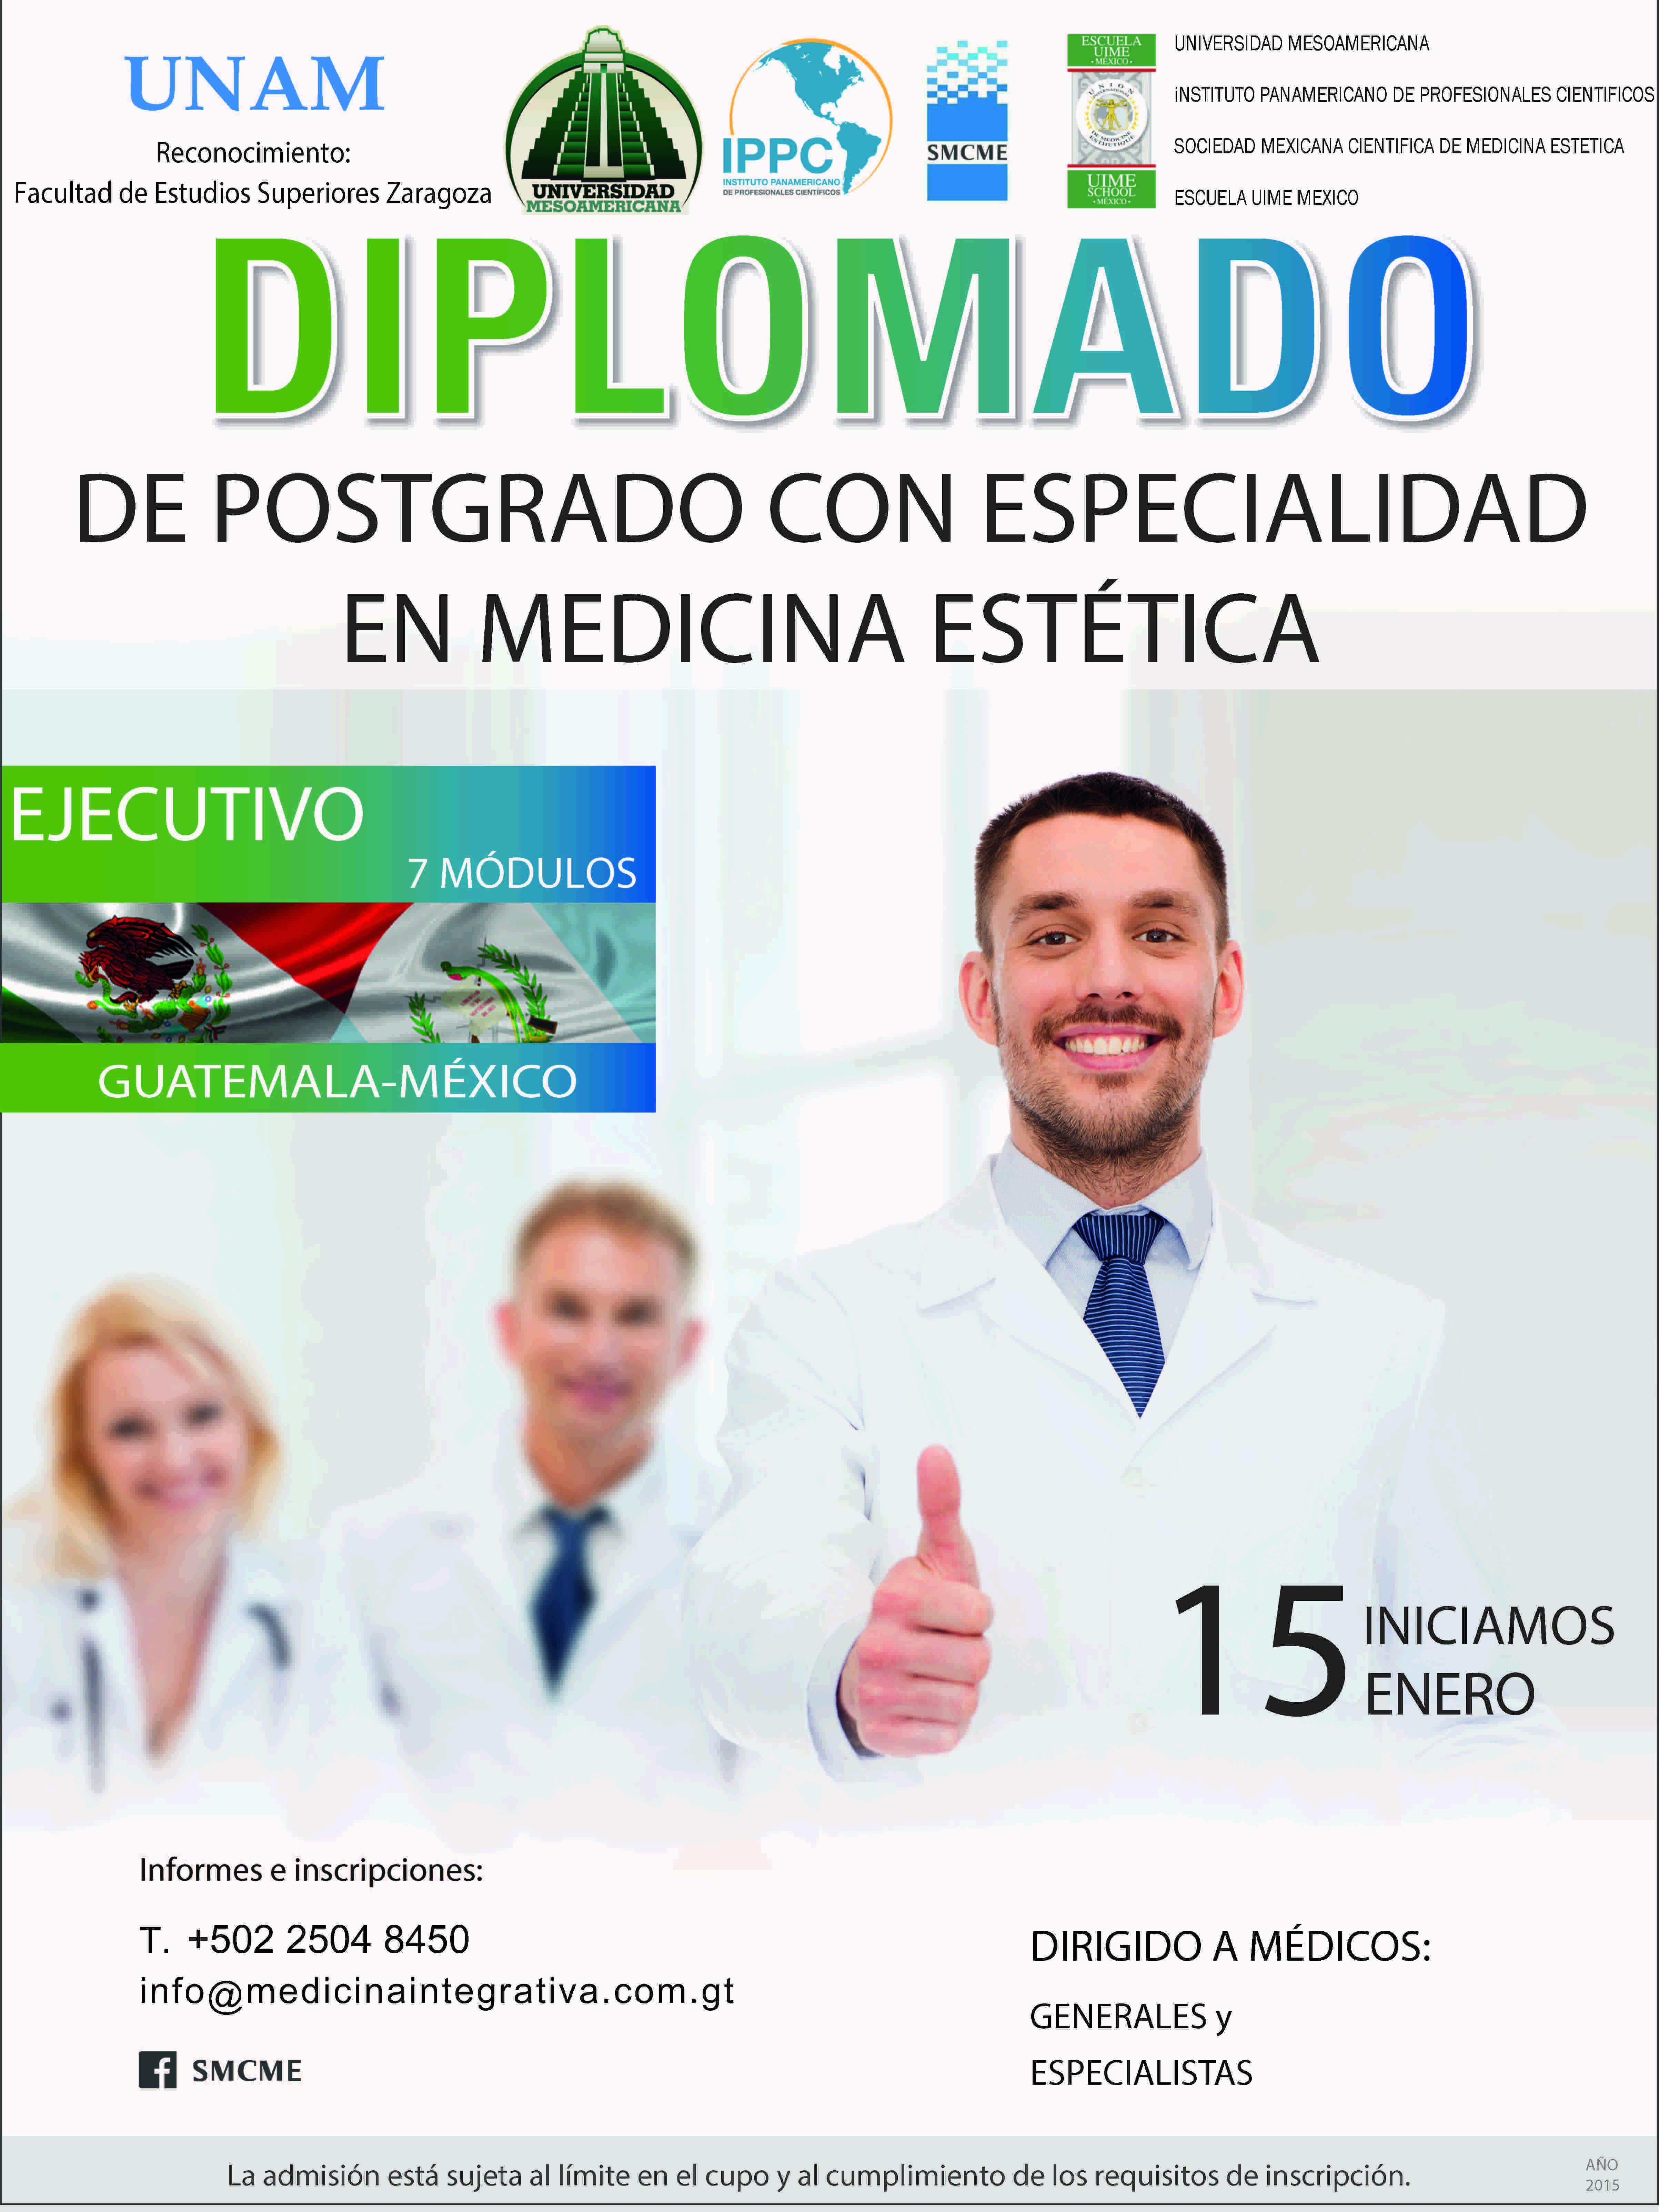 Diplomado en Postgrado con Especialidad en Medicina Estética